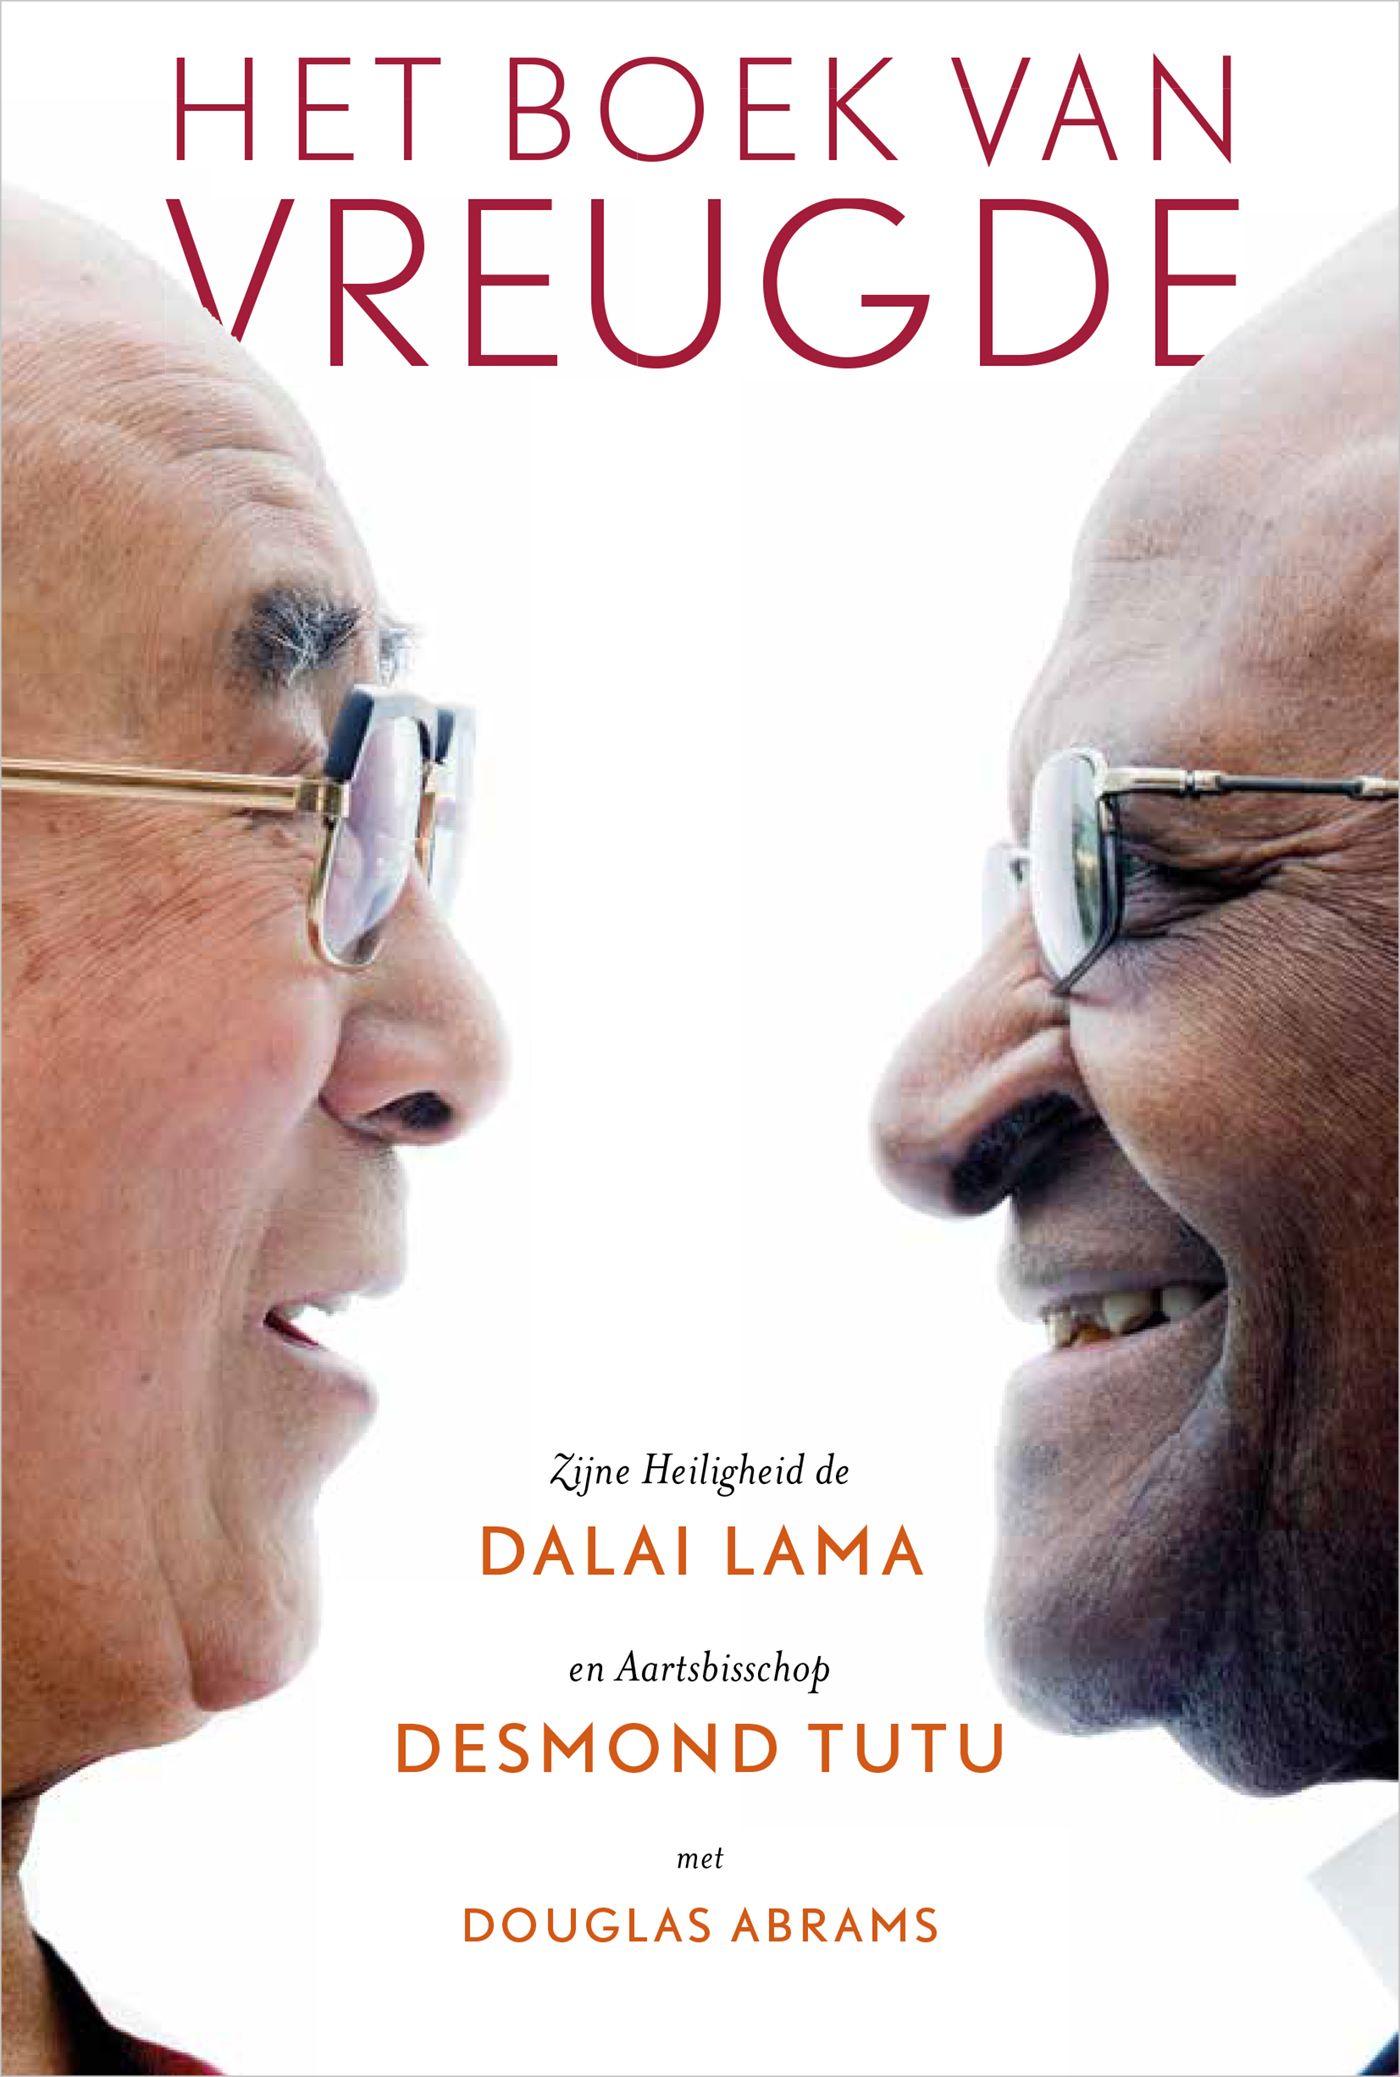 Een unieke samenwerking tussen de dalai lama en desmond